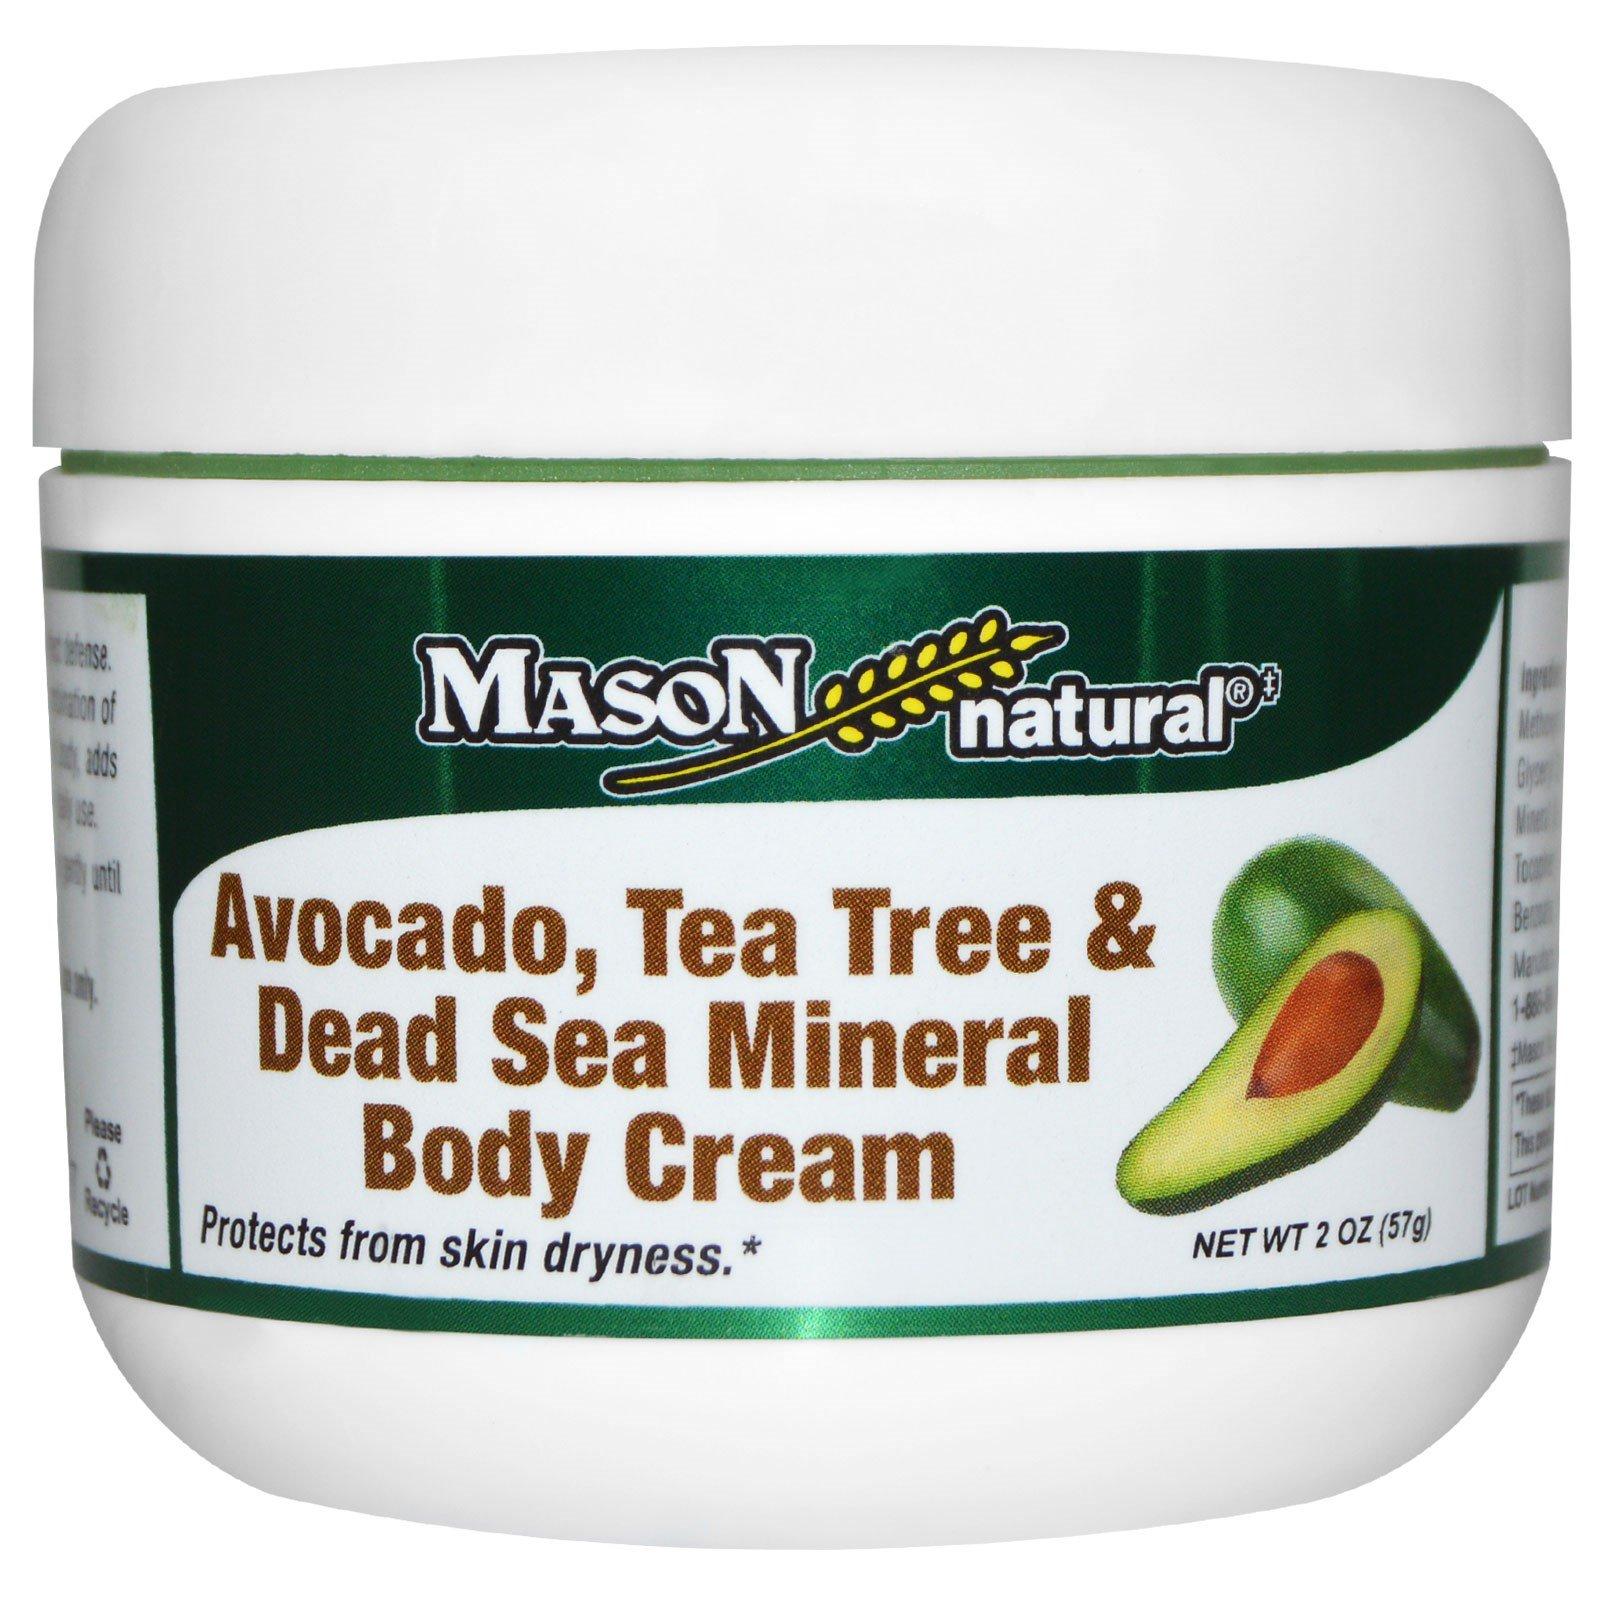 Mason Naturals, Крем для тела с авокадо, чайным деревом и минералами Мертвого мора, 2 унции (57 г)